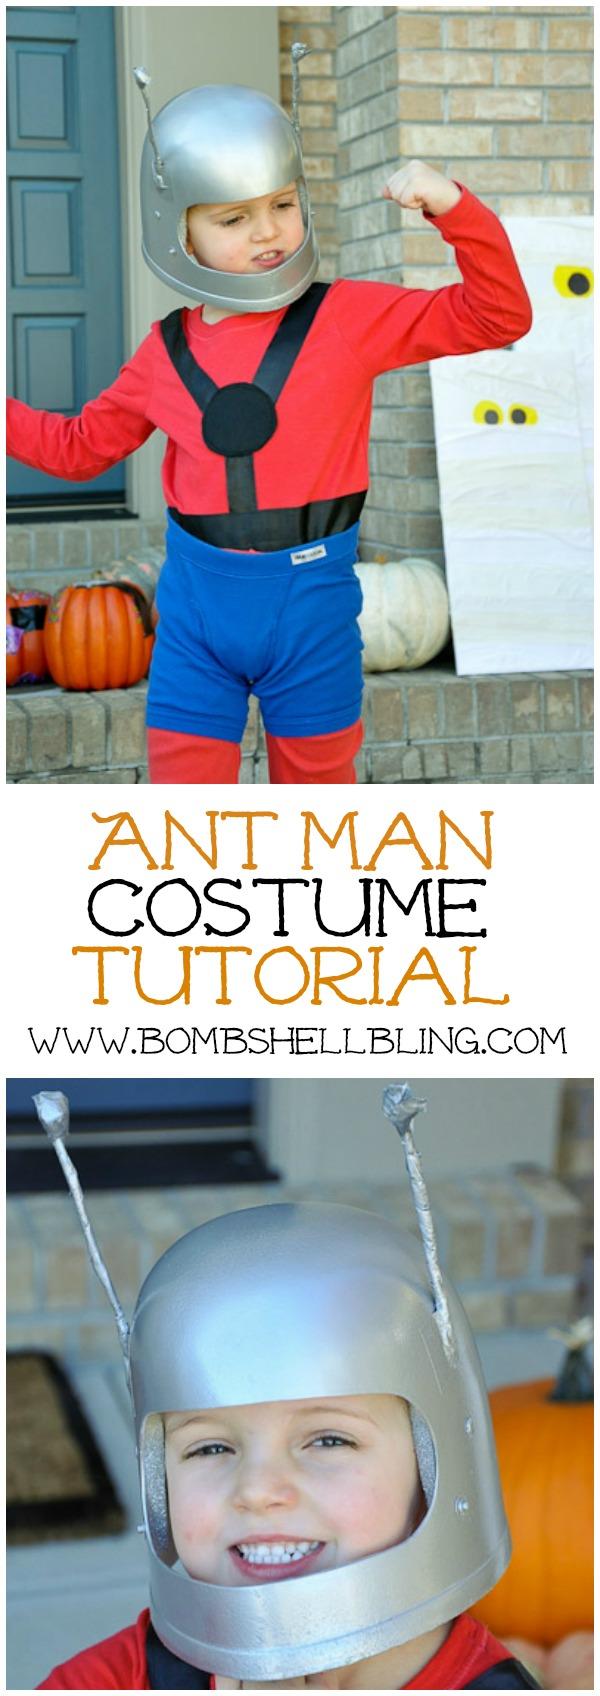 Ant Man Costume Tutorial